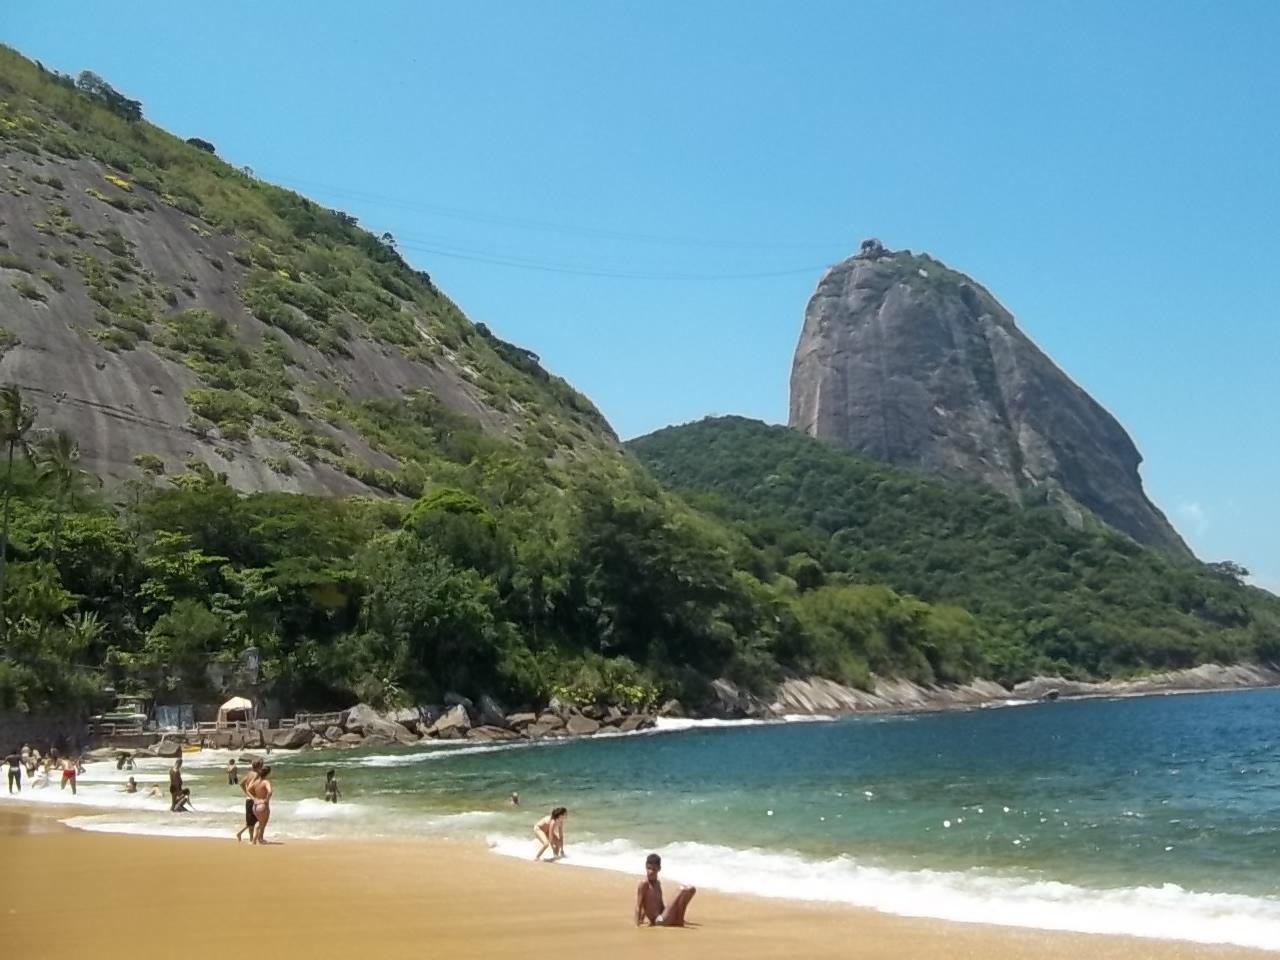 Гора Сахарная голова, вид с пляжа